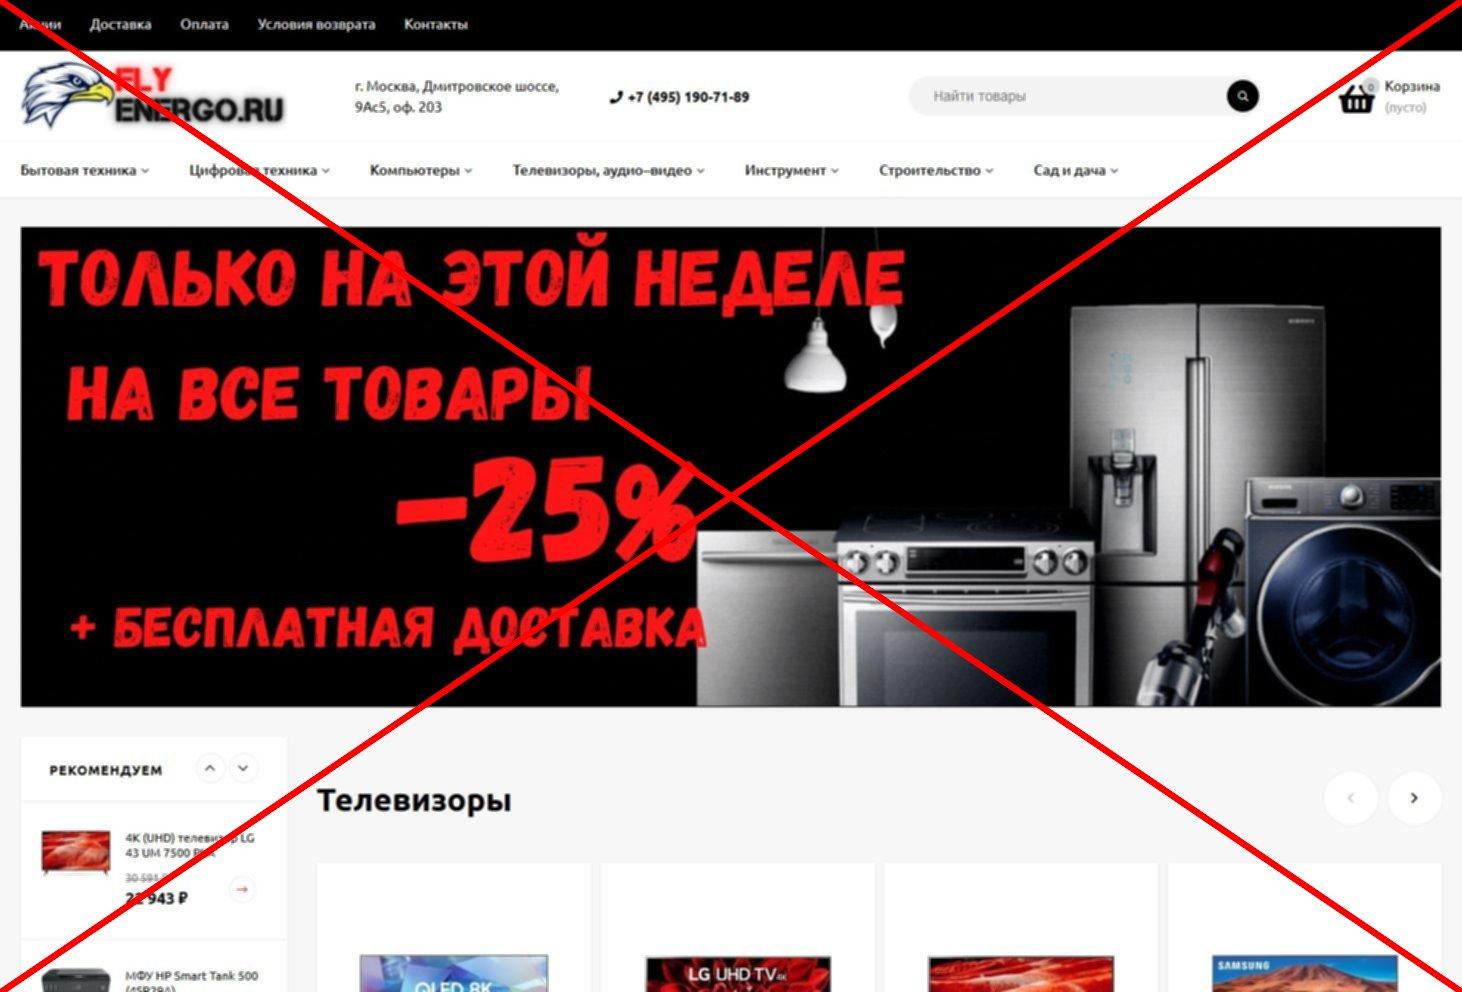 Скрин flyenergo.ru